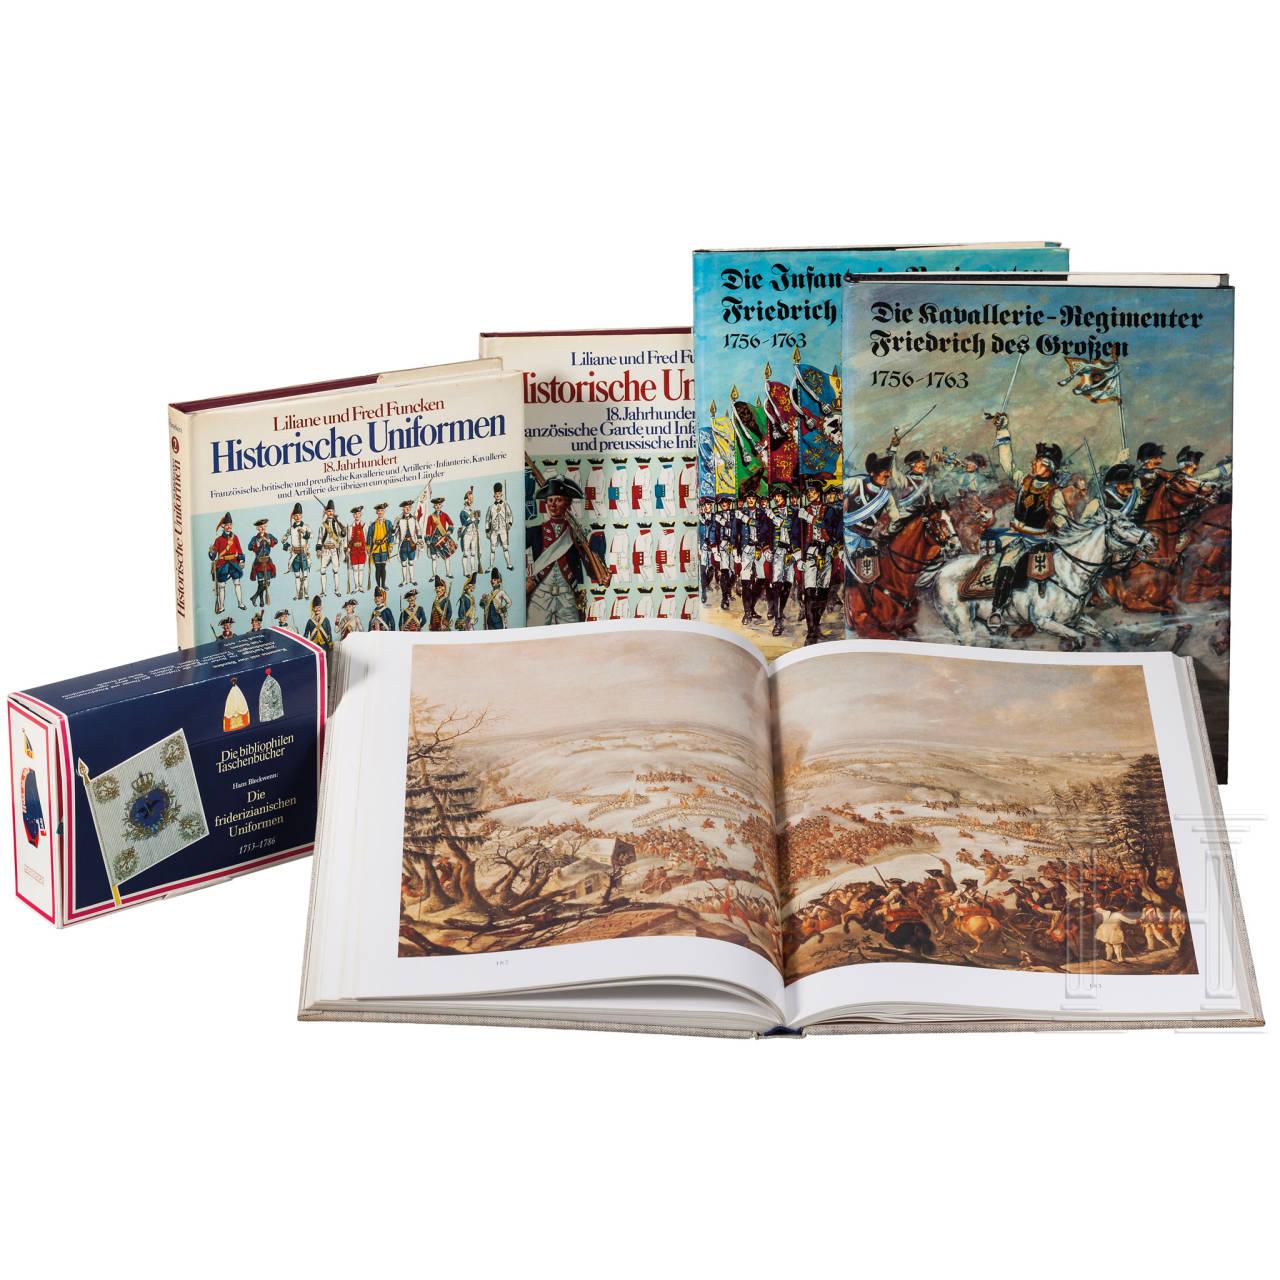 Sechs Bücher zum Thema altpreußischer Uniformierung